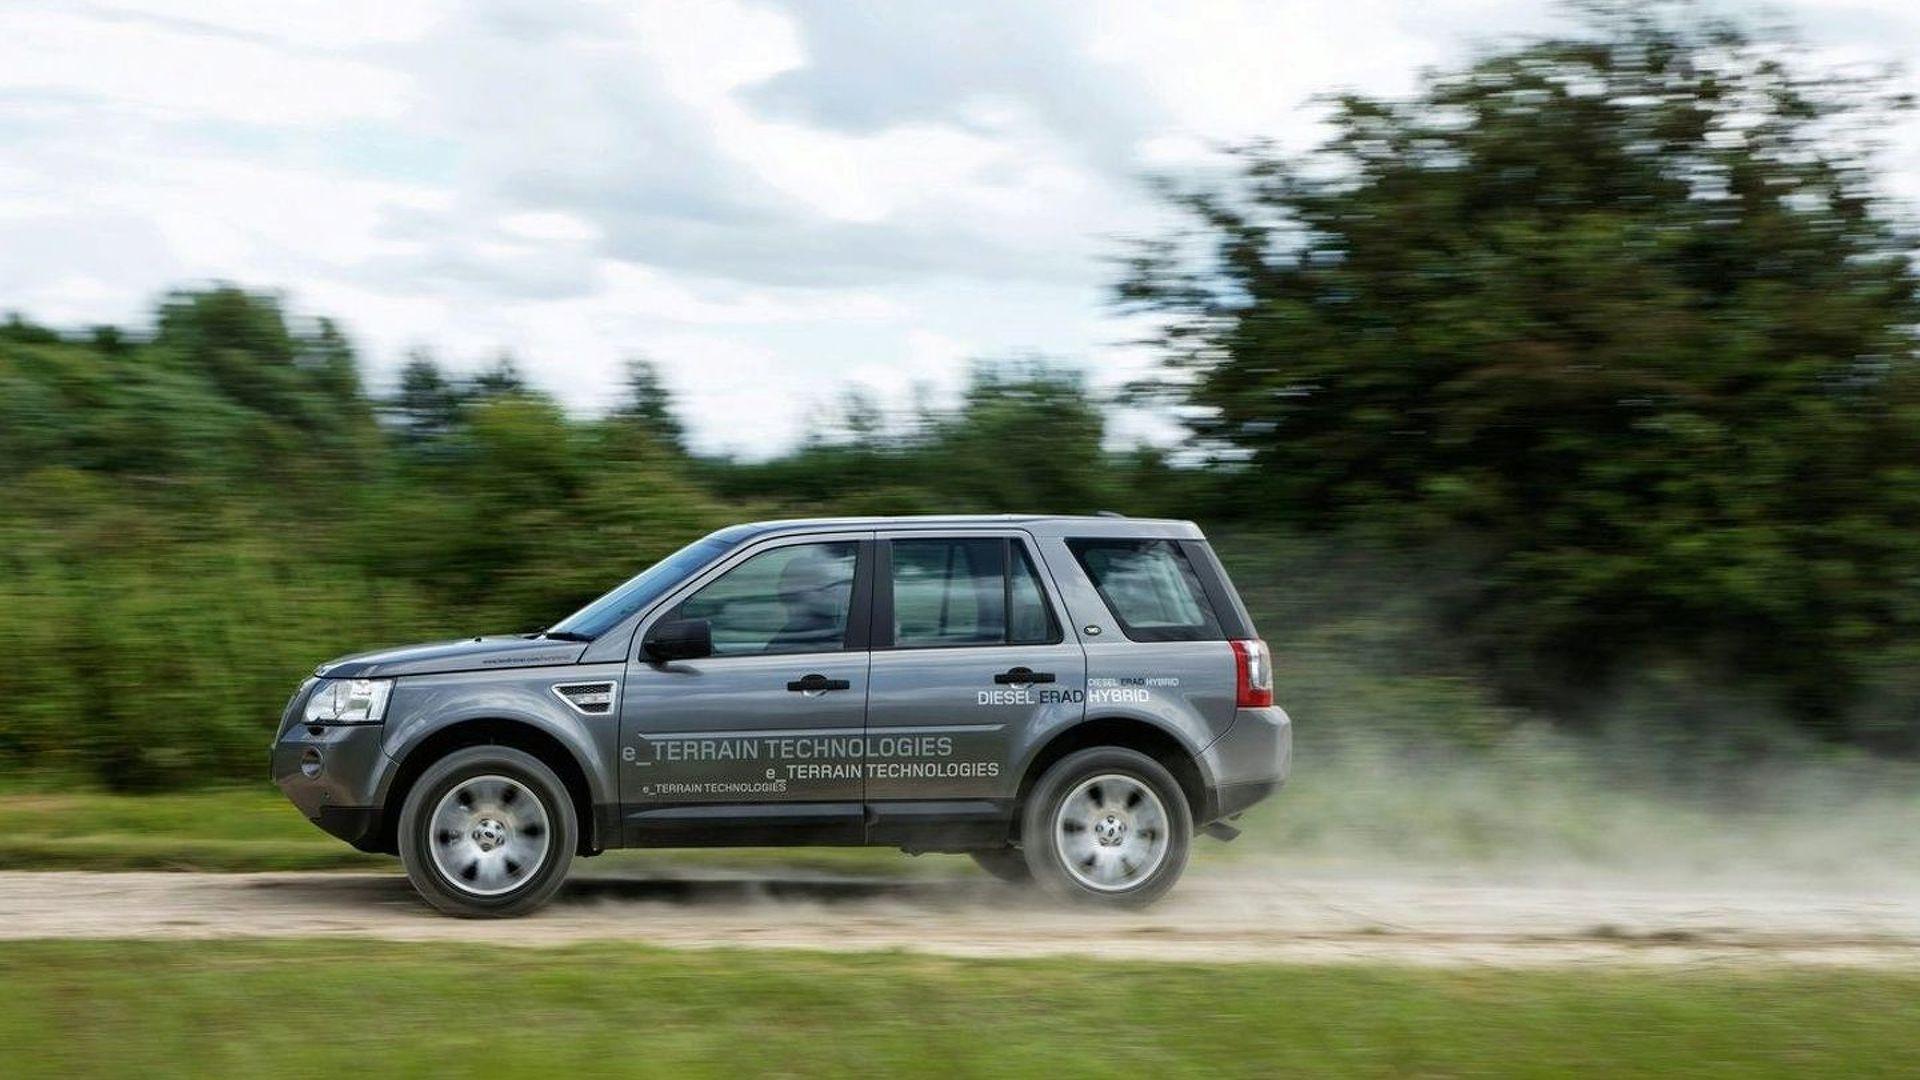 Land Rover Announces Diesel ERAD Hybrid & e Terrain Technologies